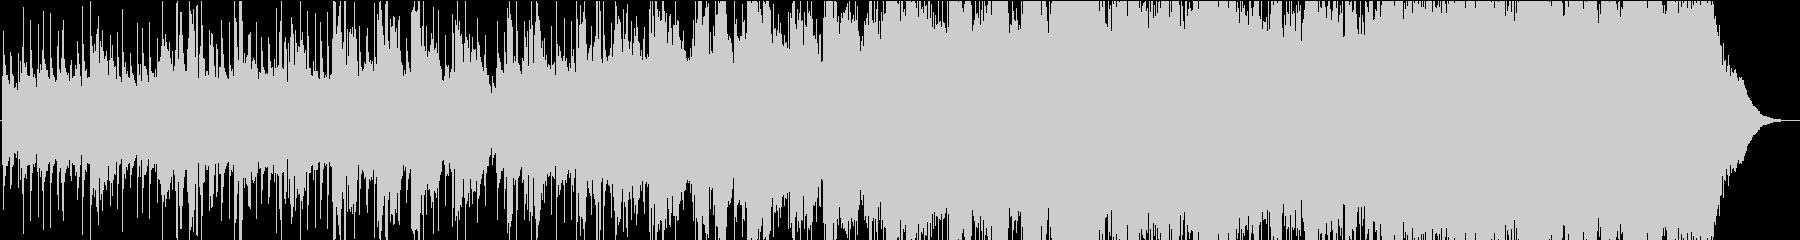 アンニュイなギターサウンドの未再生の波形